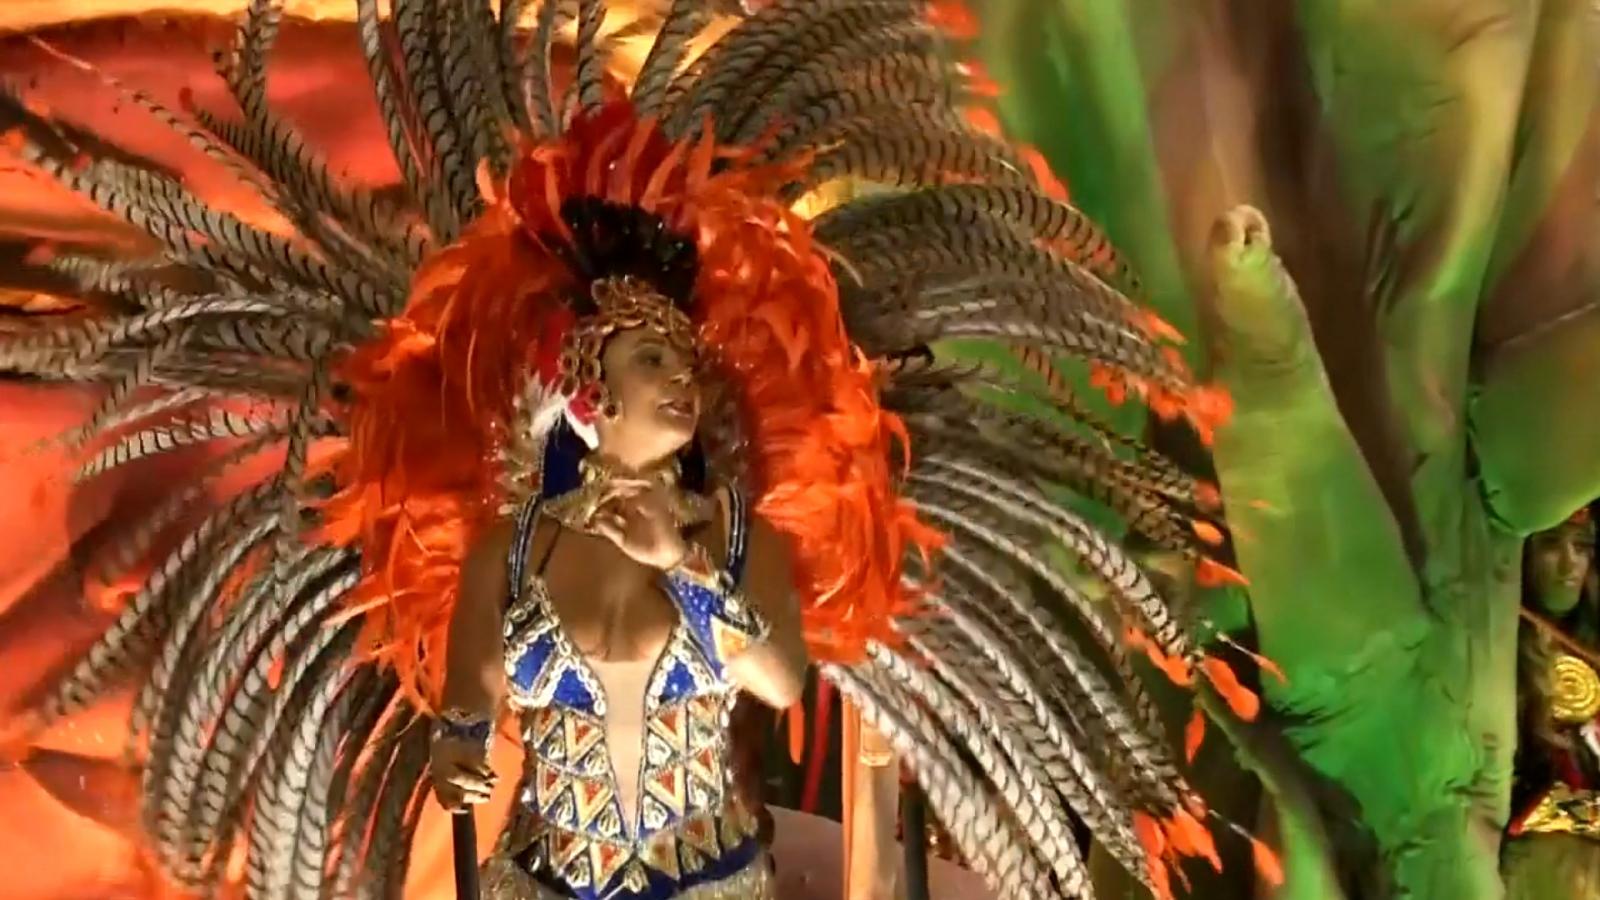 Carnival starts in Rio